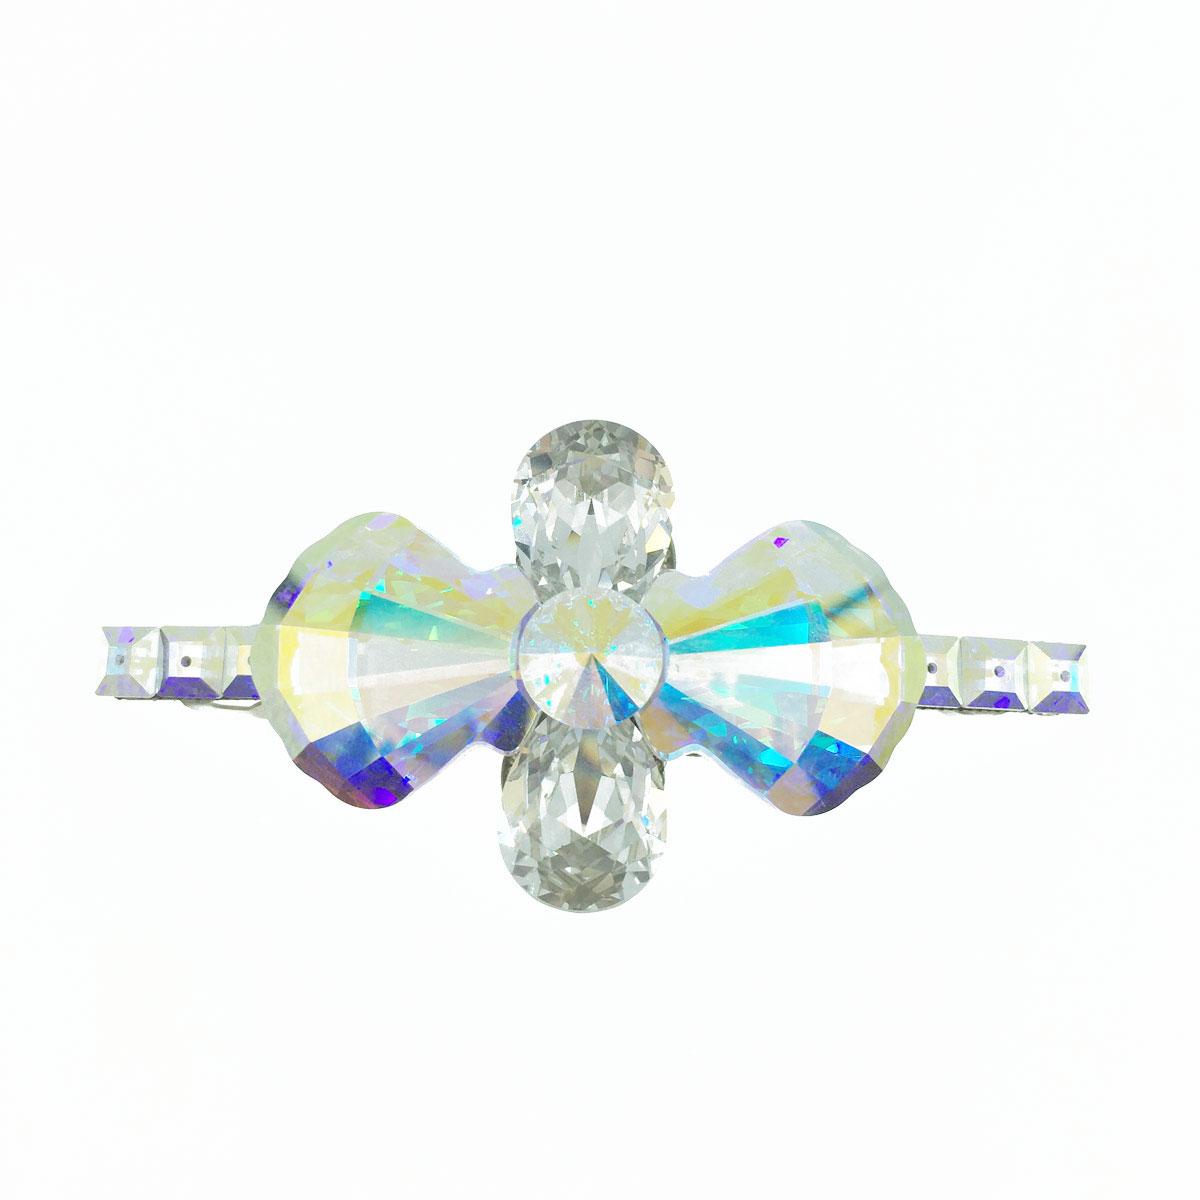 貝殼型 方形邊 水晶 水鑽 彩色 白色 髮飾 髮夾 自動夾 採用施華洛世奇水晶元素 Crystals from Swarovski